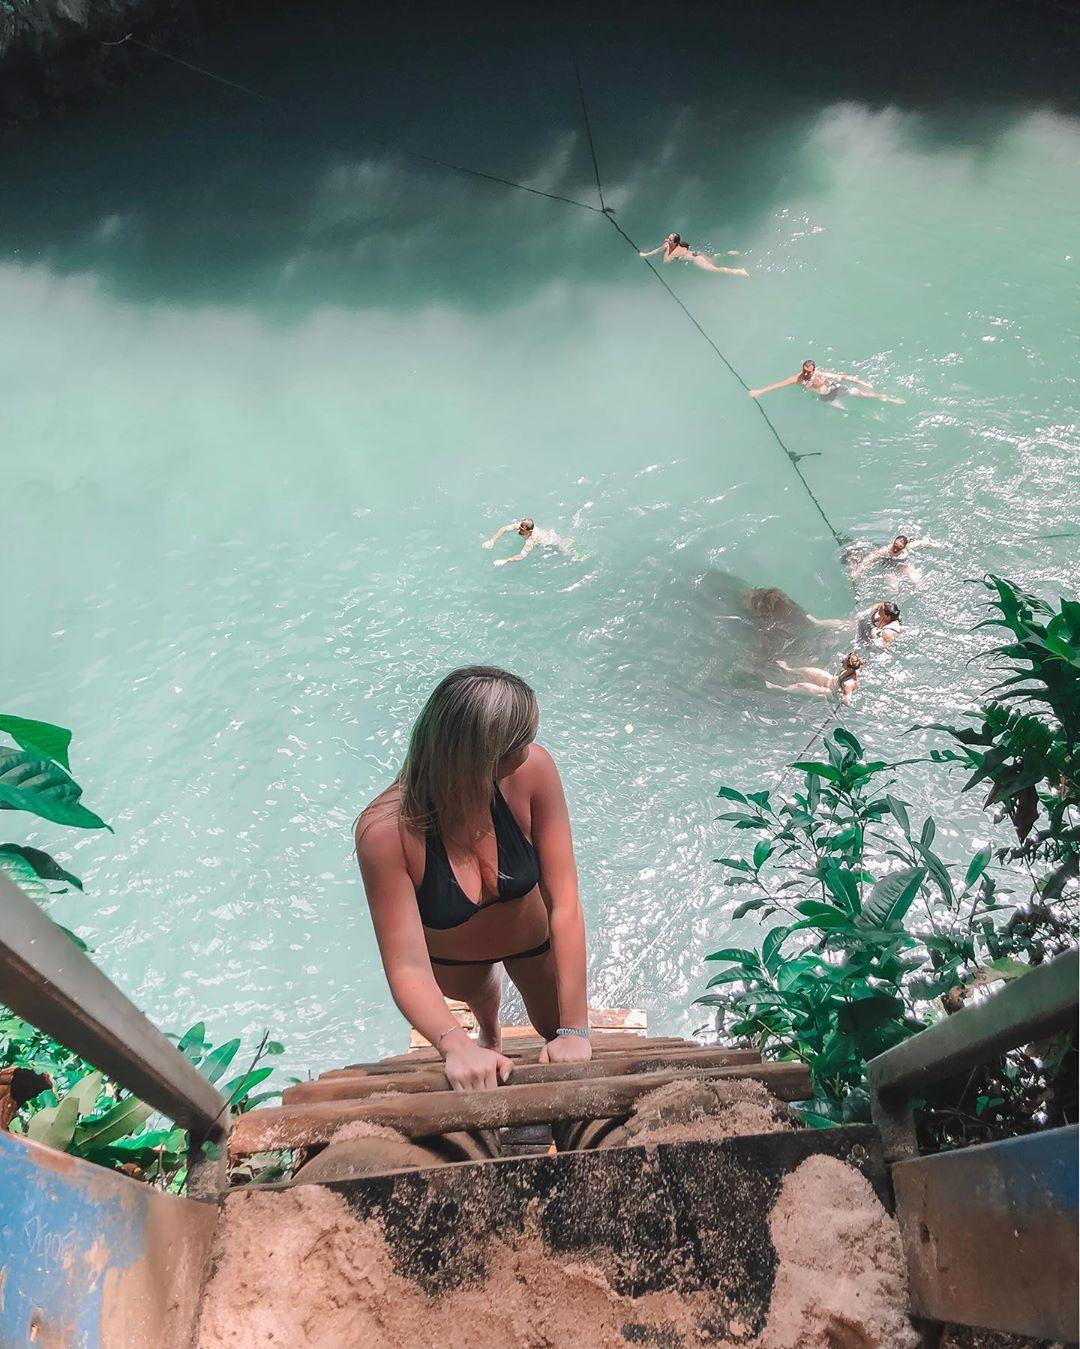 VZN News: Hồ bơi tự nhiên đẹp nhất thế giới nằm ở quốc gia ít người biết nhưng ai đã đến một lần thì đảm bảo mê cả đời! - Ảnh 6.